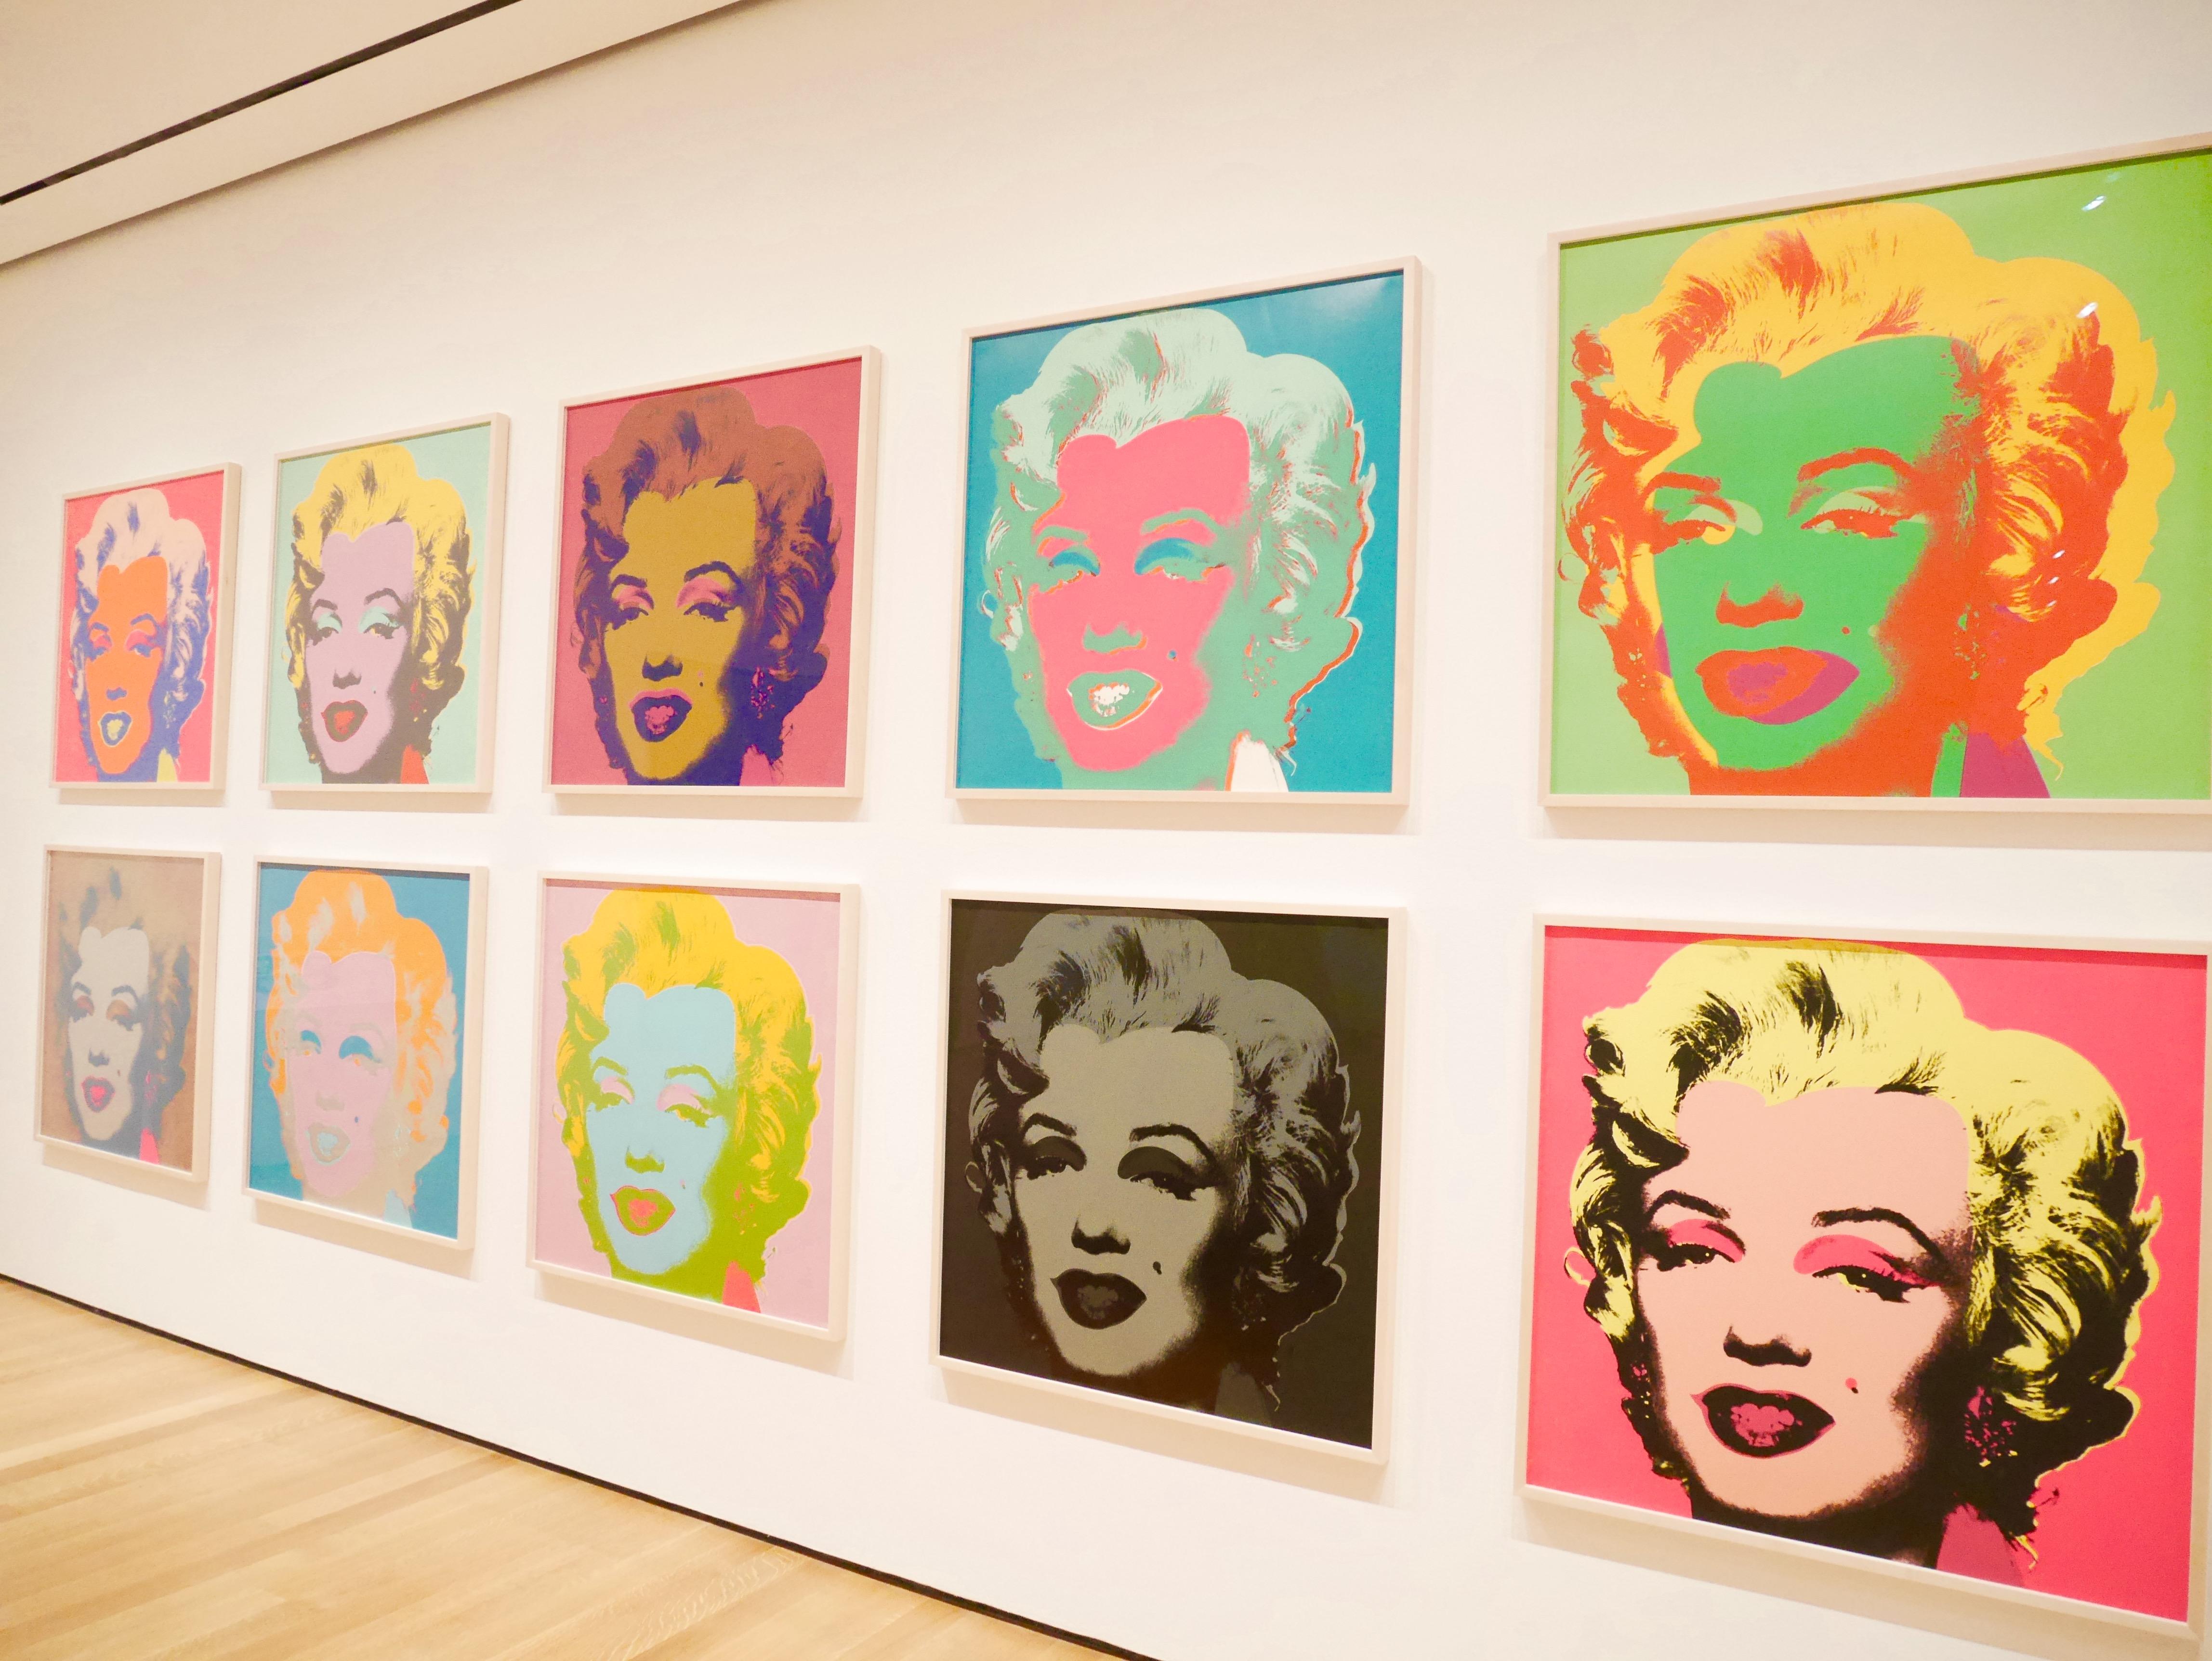 【動画】MOMA~NY近代美術館でモダンアートに触れる